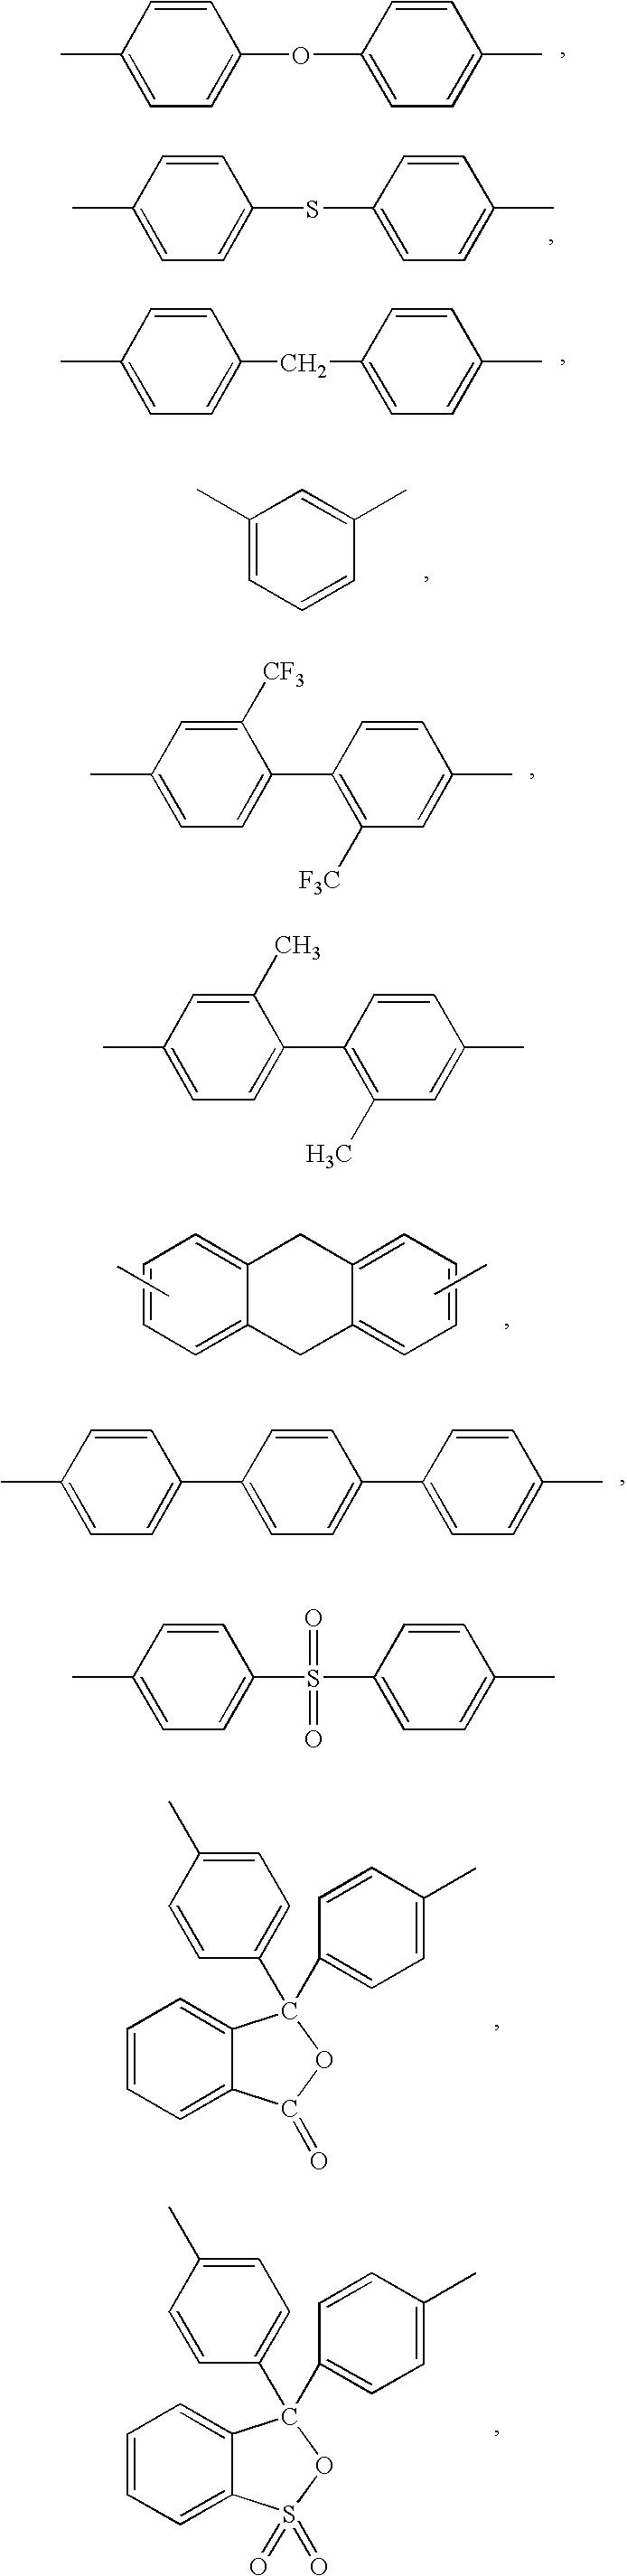 Figure US20030178138A1-20030925-C00012